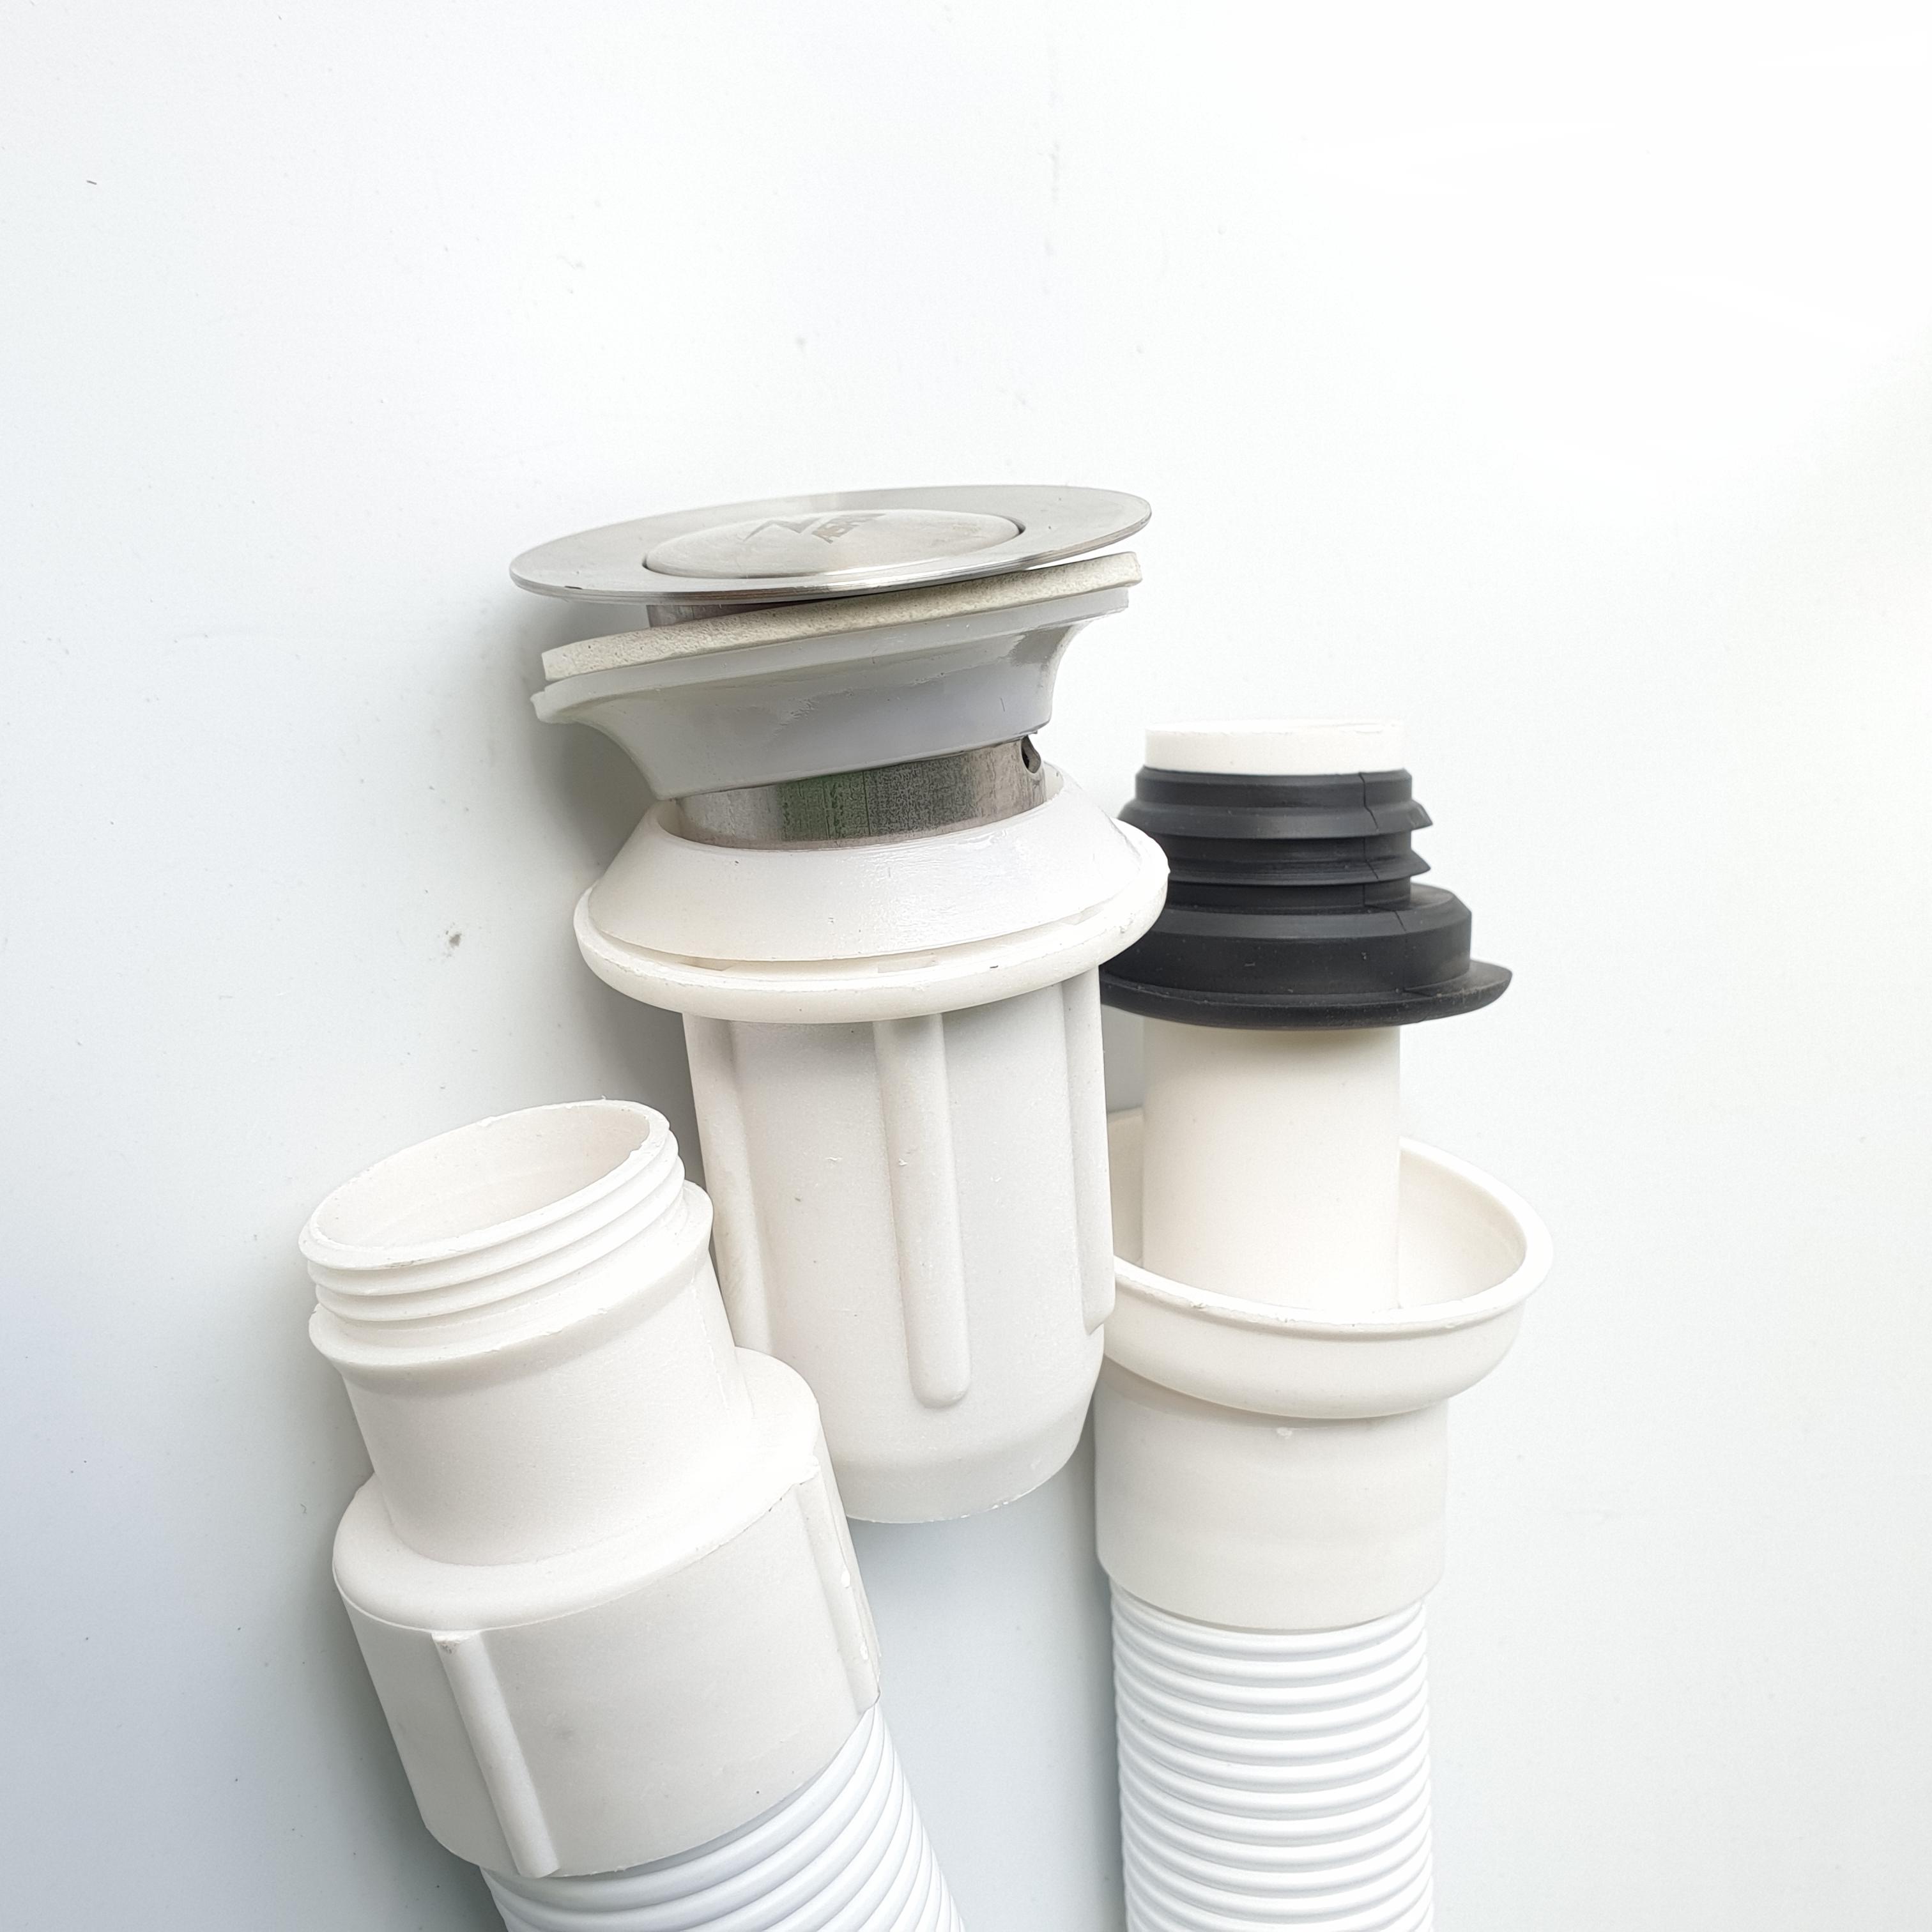 Xả lavabo ruột gà ống nhựa ABS nhựa trắng,đầu inox sus304 loại nhấn cao cấp đẹp